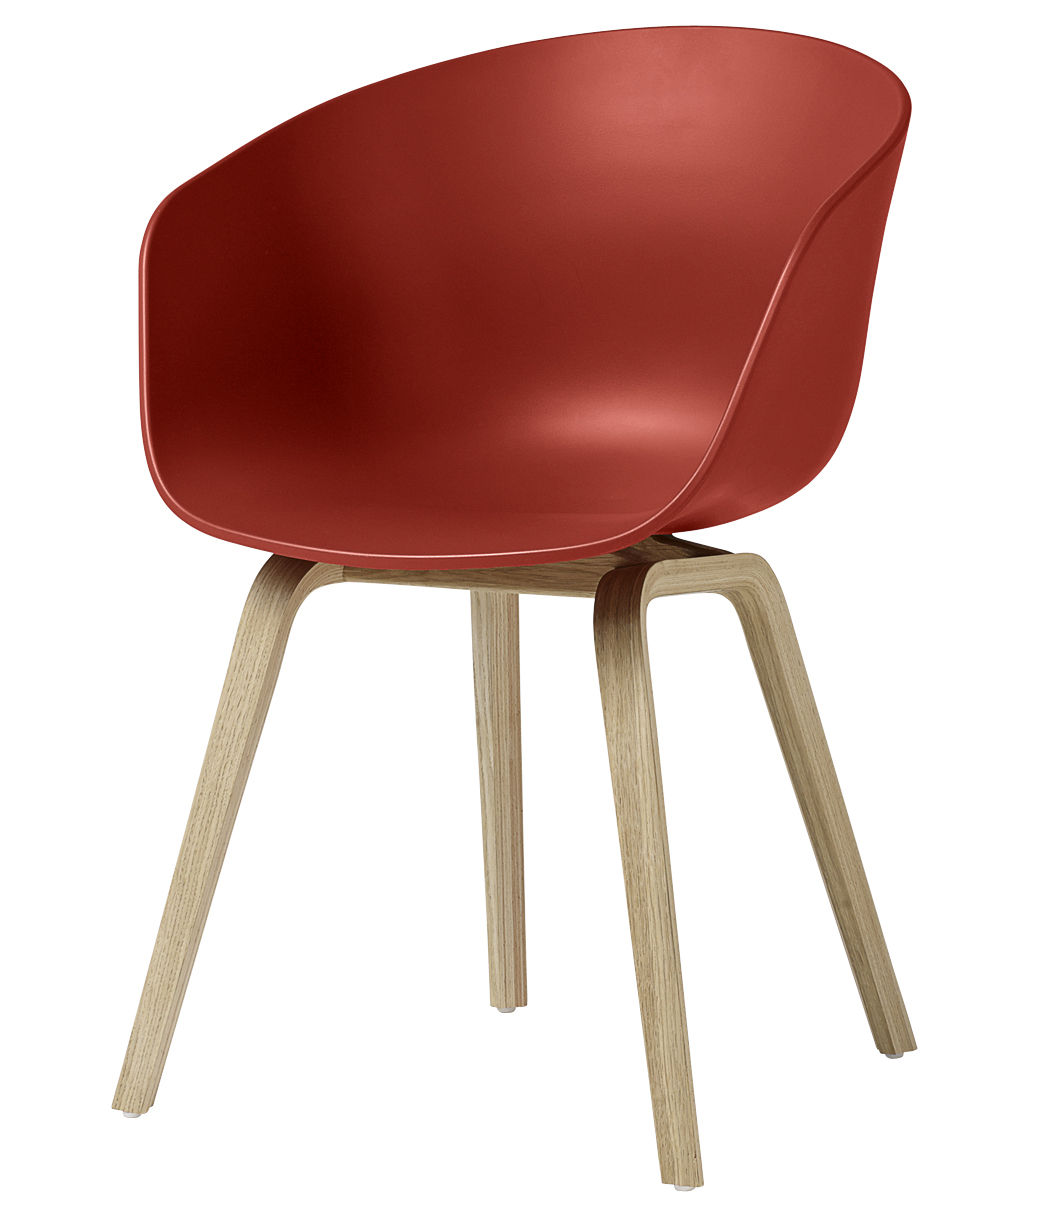 Möbel - Stühle  - About a chair AAC22 Sessel / Kunststoff & Stuhlbeine aus Holz - Hay - Rot / Stuhlbeine holzfarben - Eiche, mattlackiert, Polypropylen